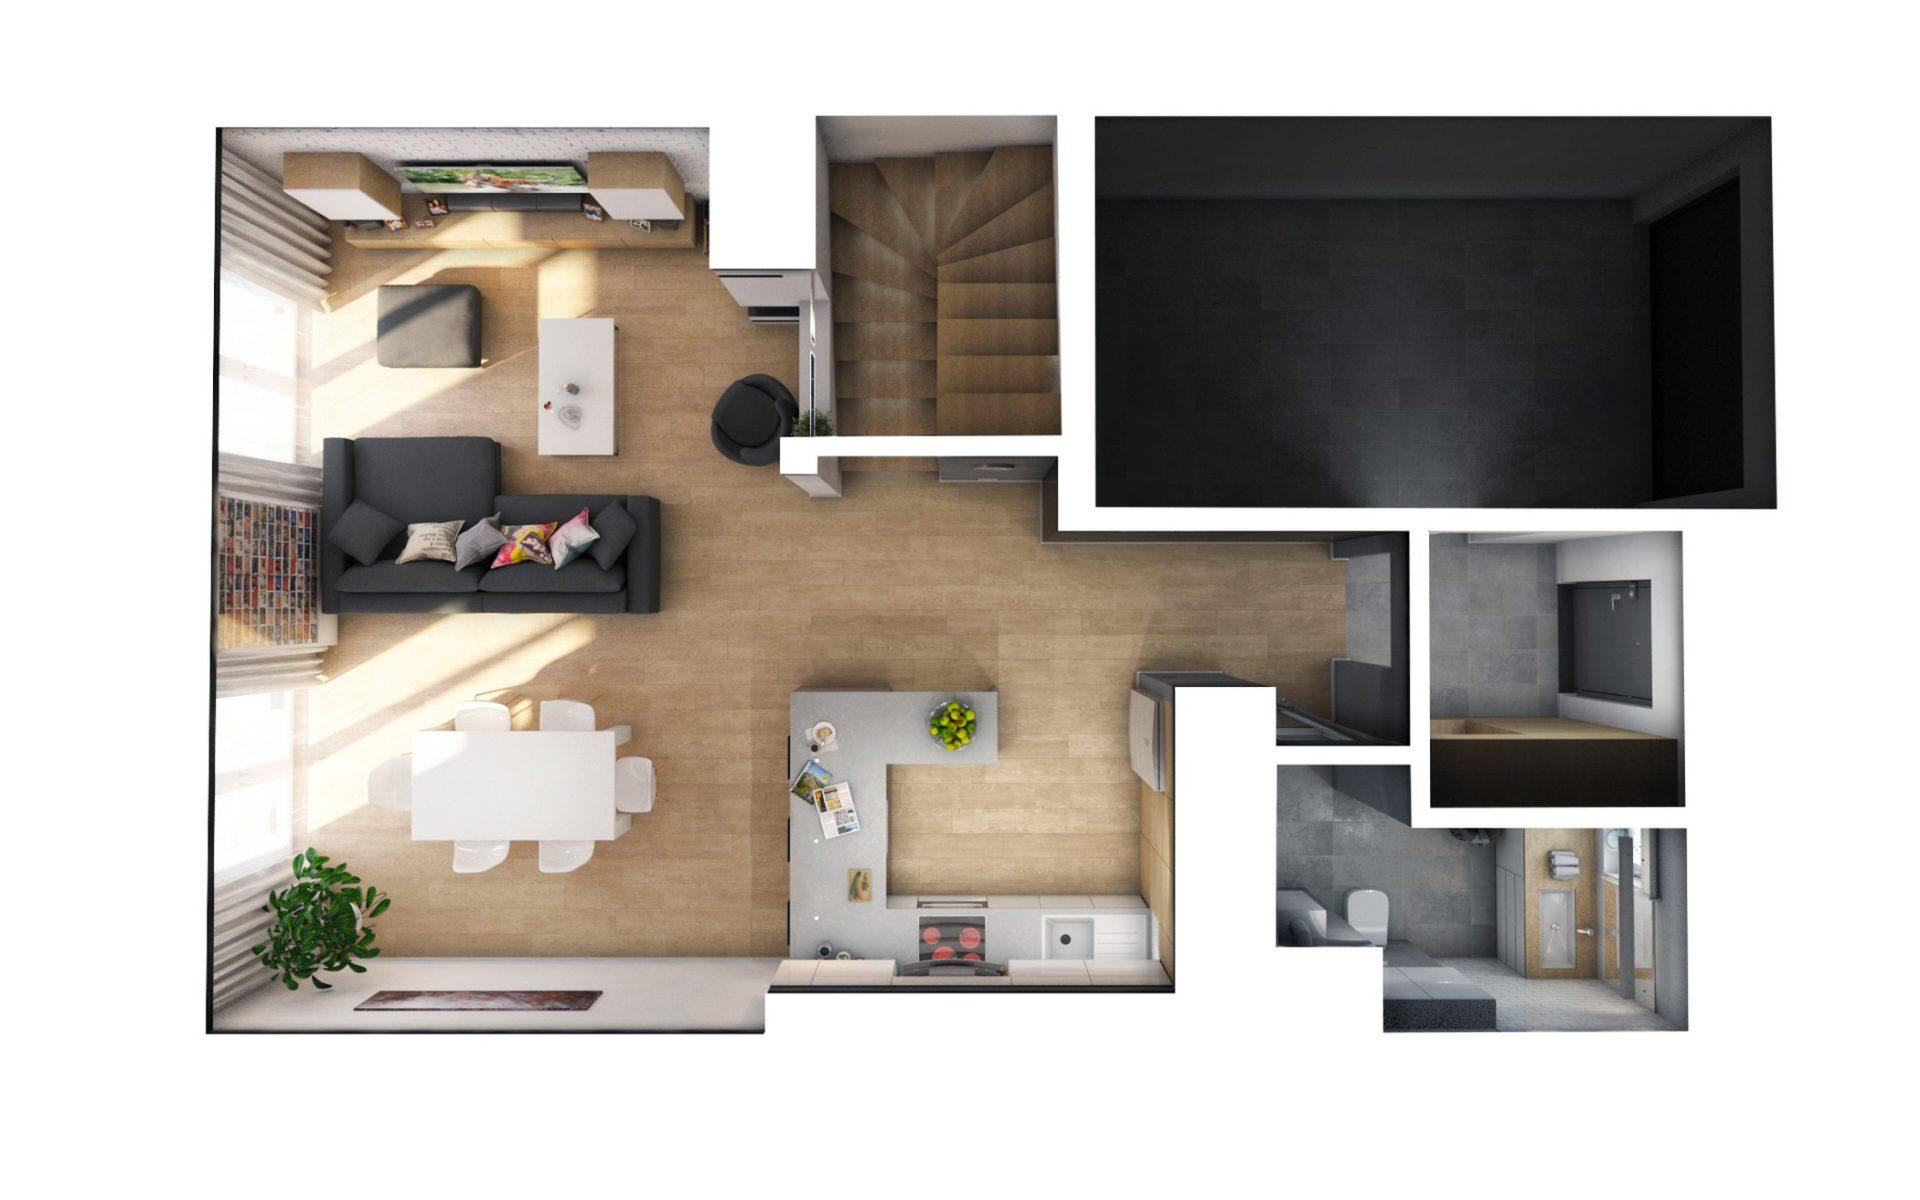 projekt aranżacji wnętrza domu jednorodzinnego wizualizacja 3d